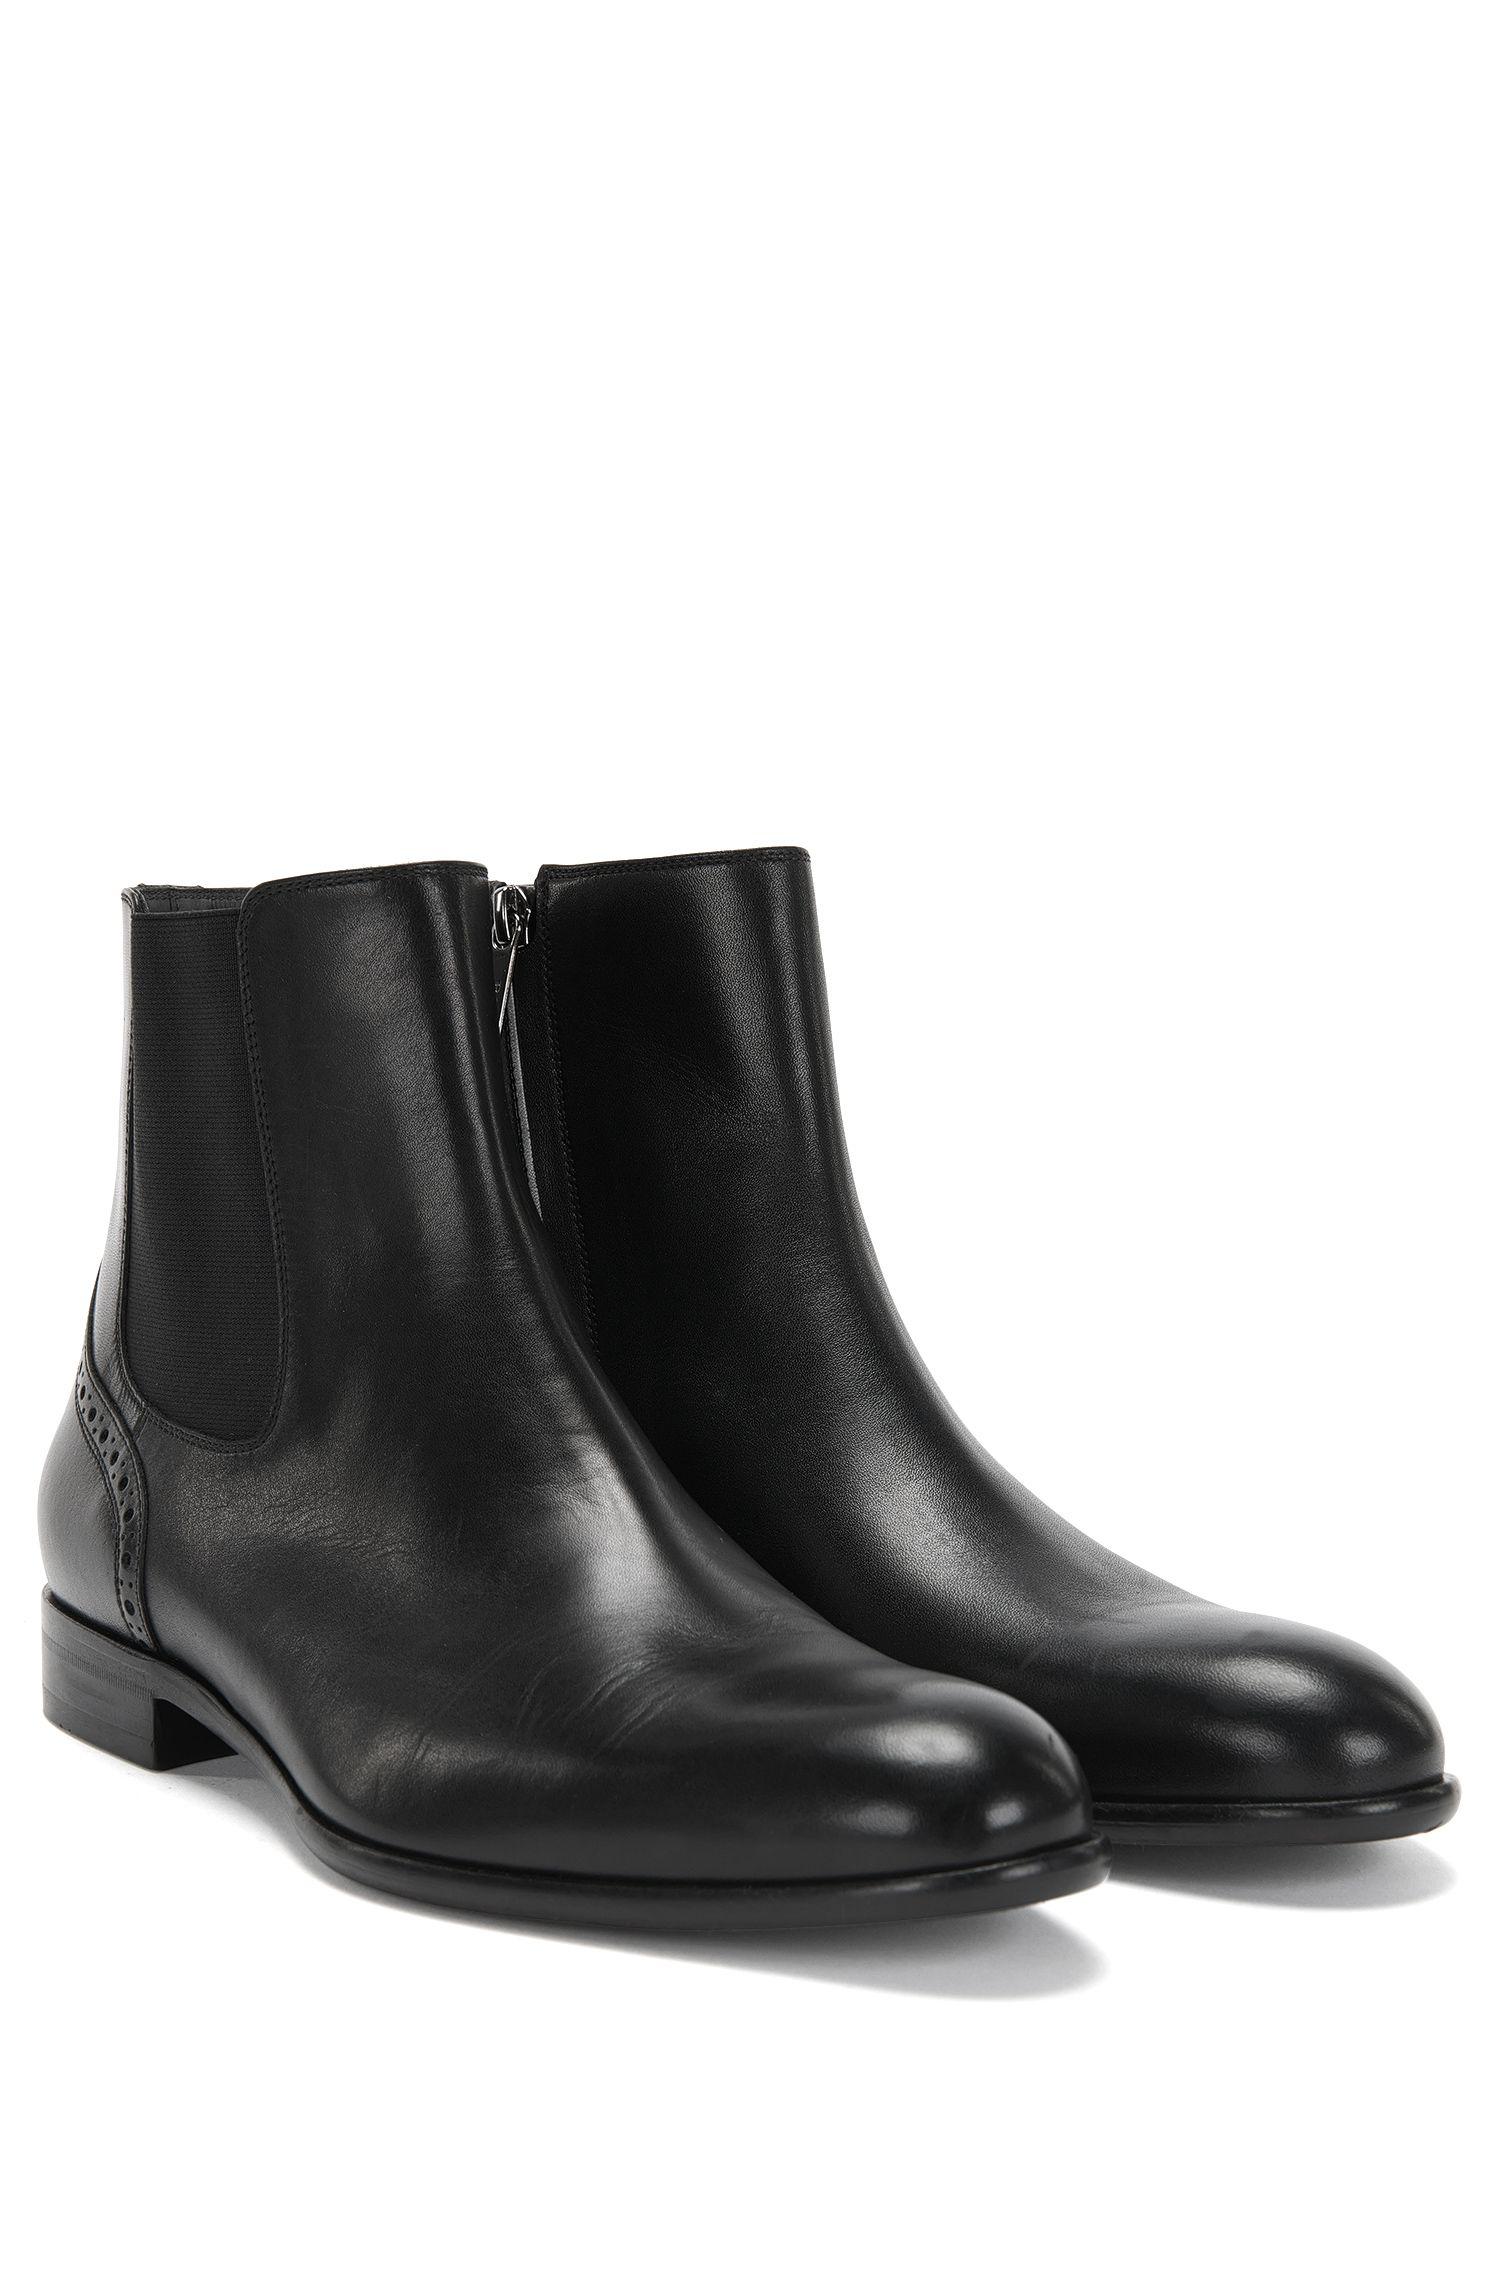 Chelsea Boots aus Leder mit Lochmuster: 'Manhattan_Cheb_ltpt'